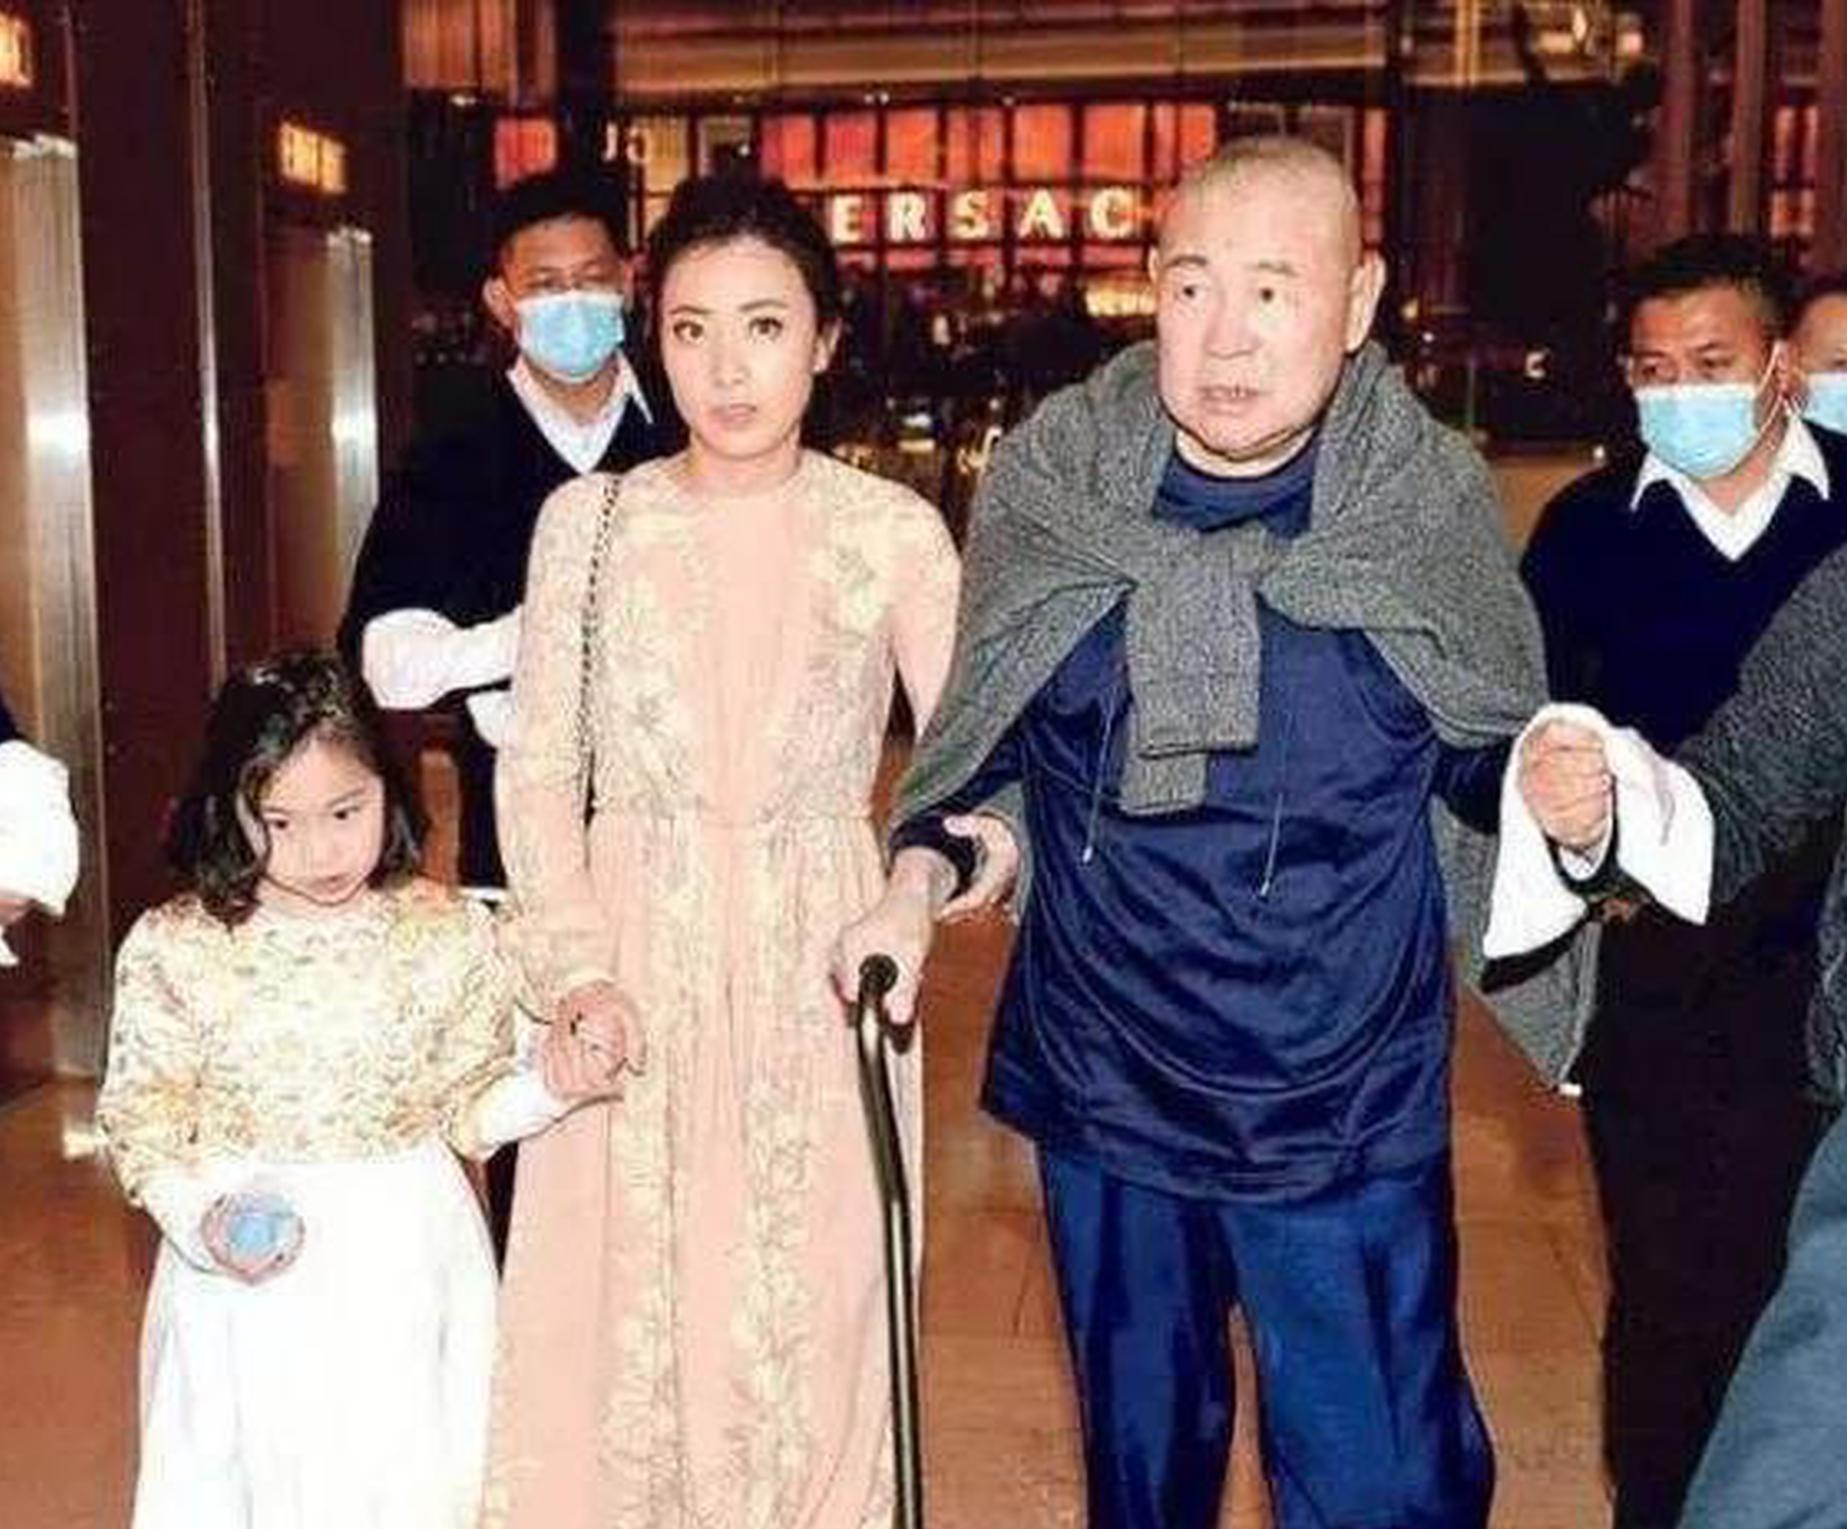 刘銮雄与甘比所生的女儿刘秀桦